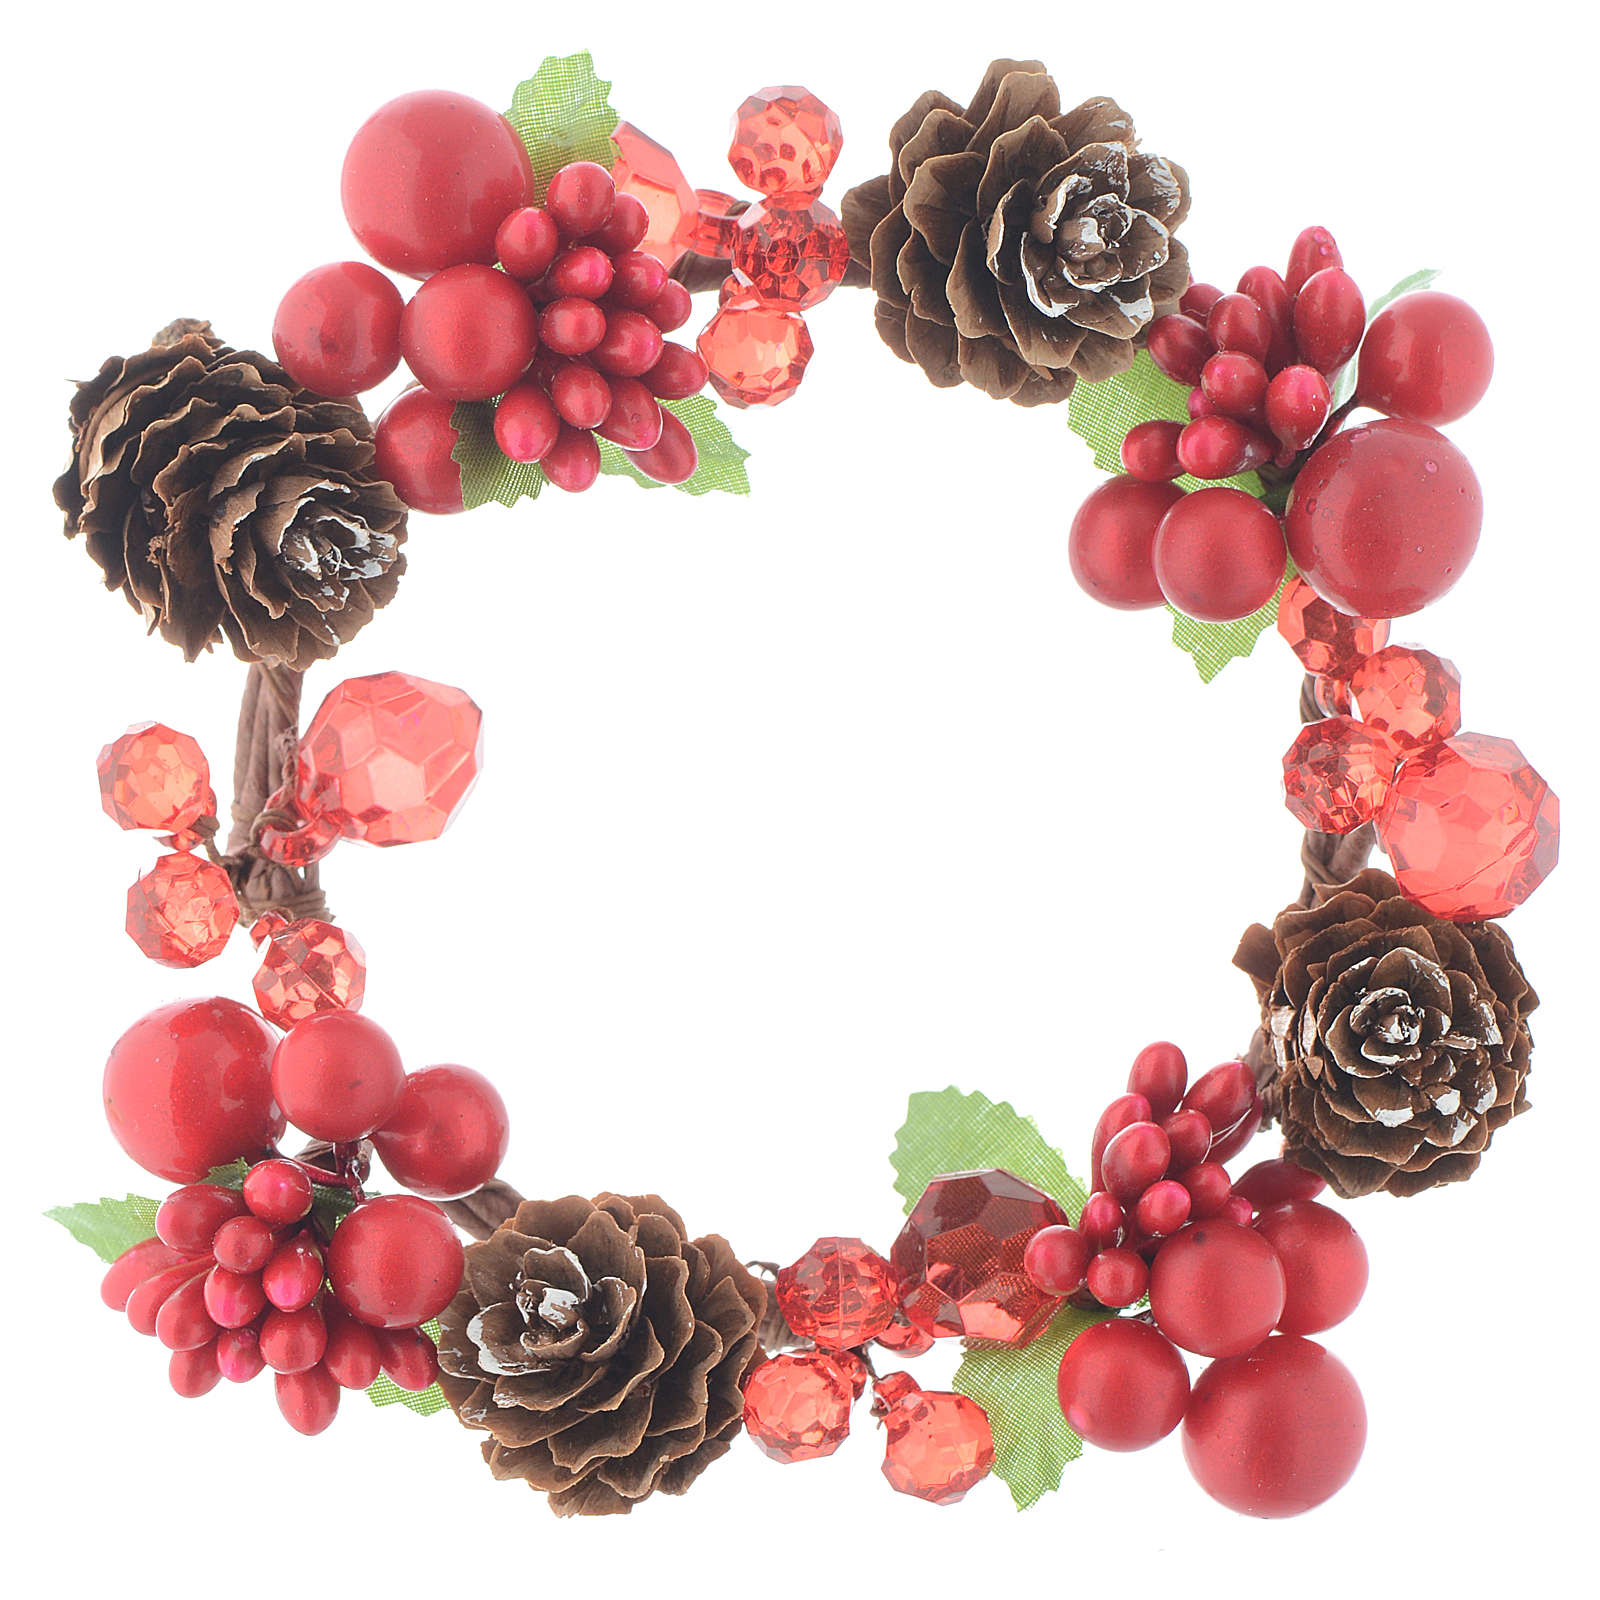 Girocandela natalizio rosso con bacche pino candele 8 cm 3